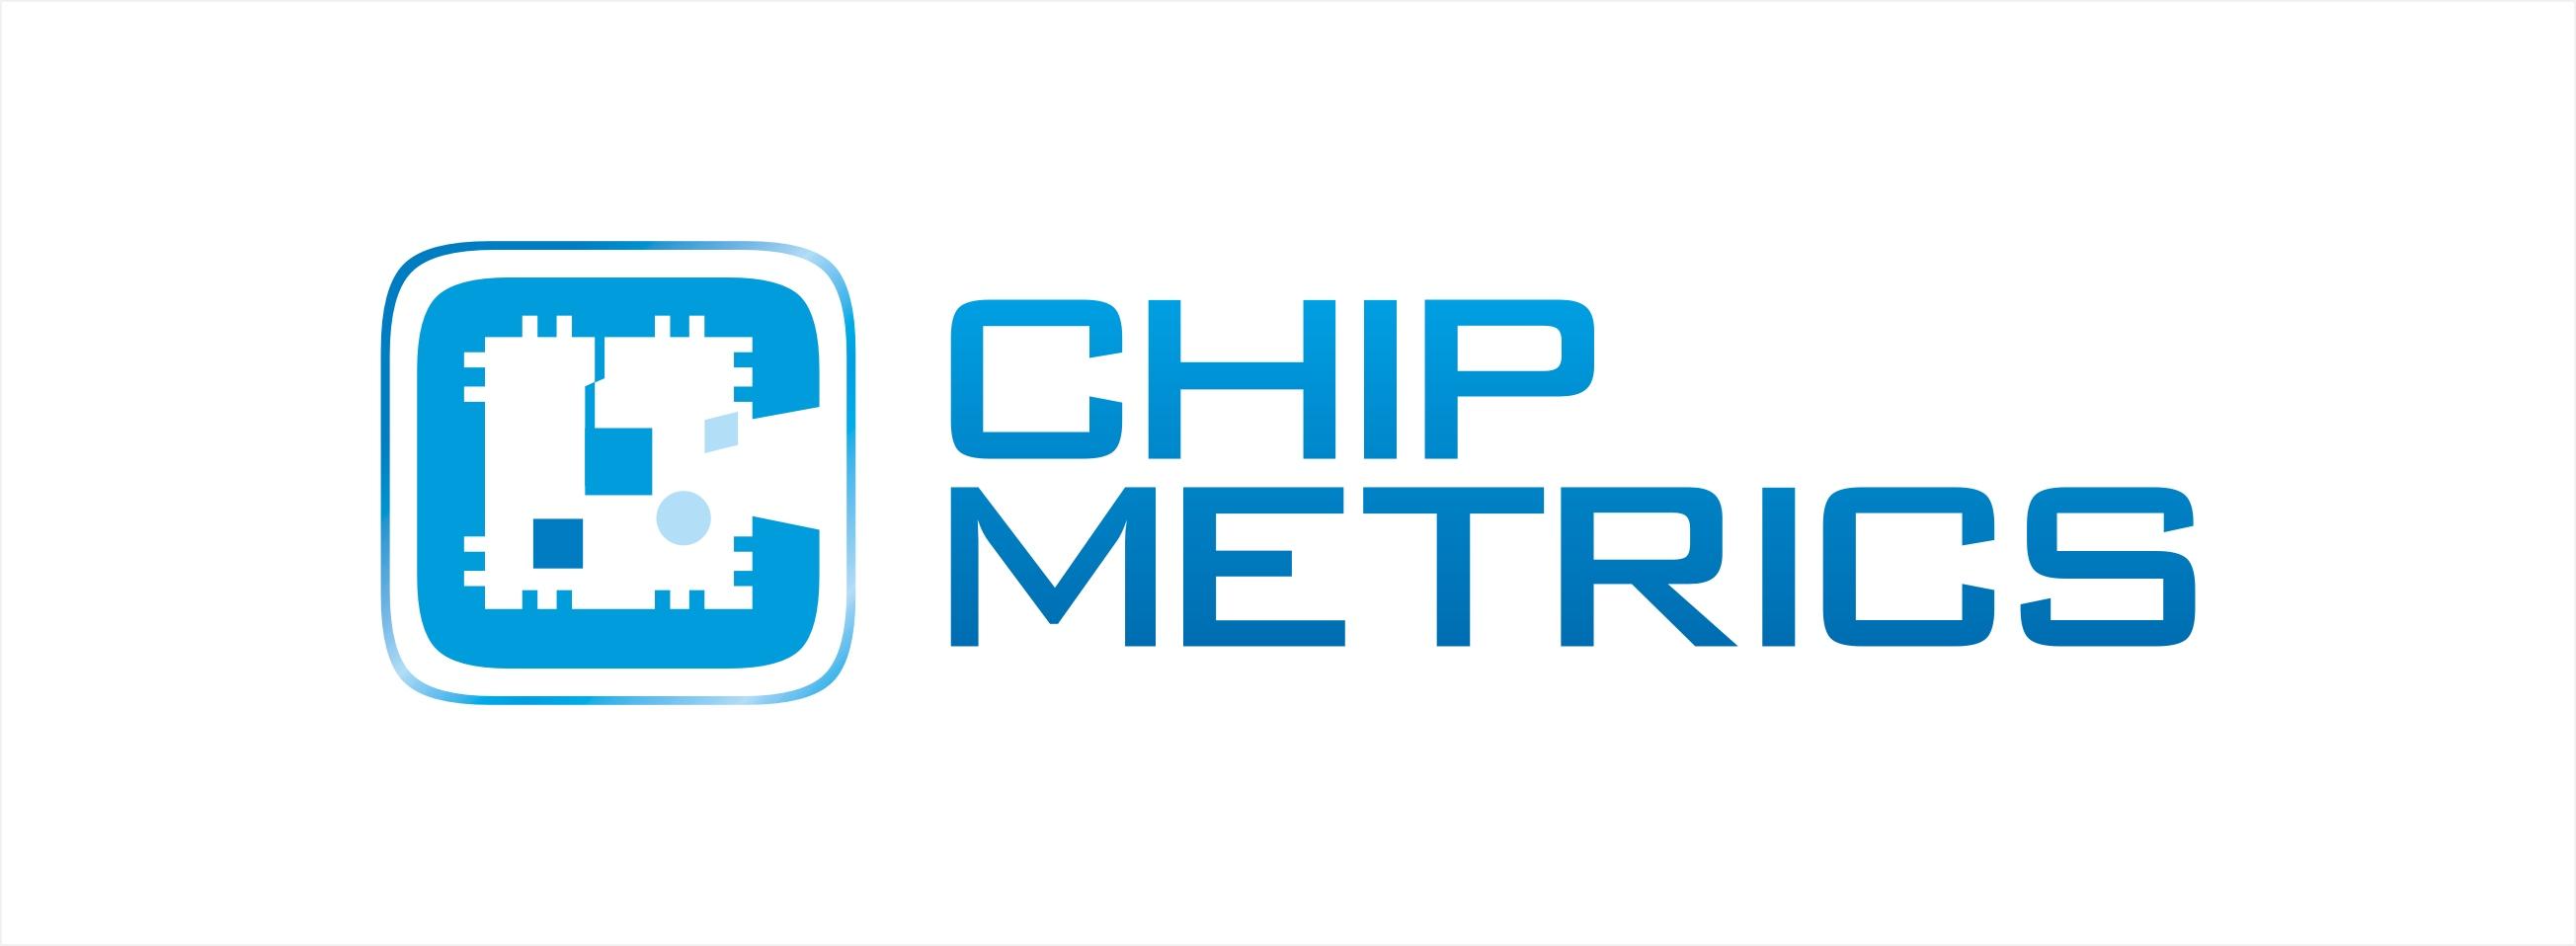 Chip metrix